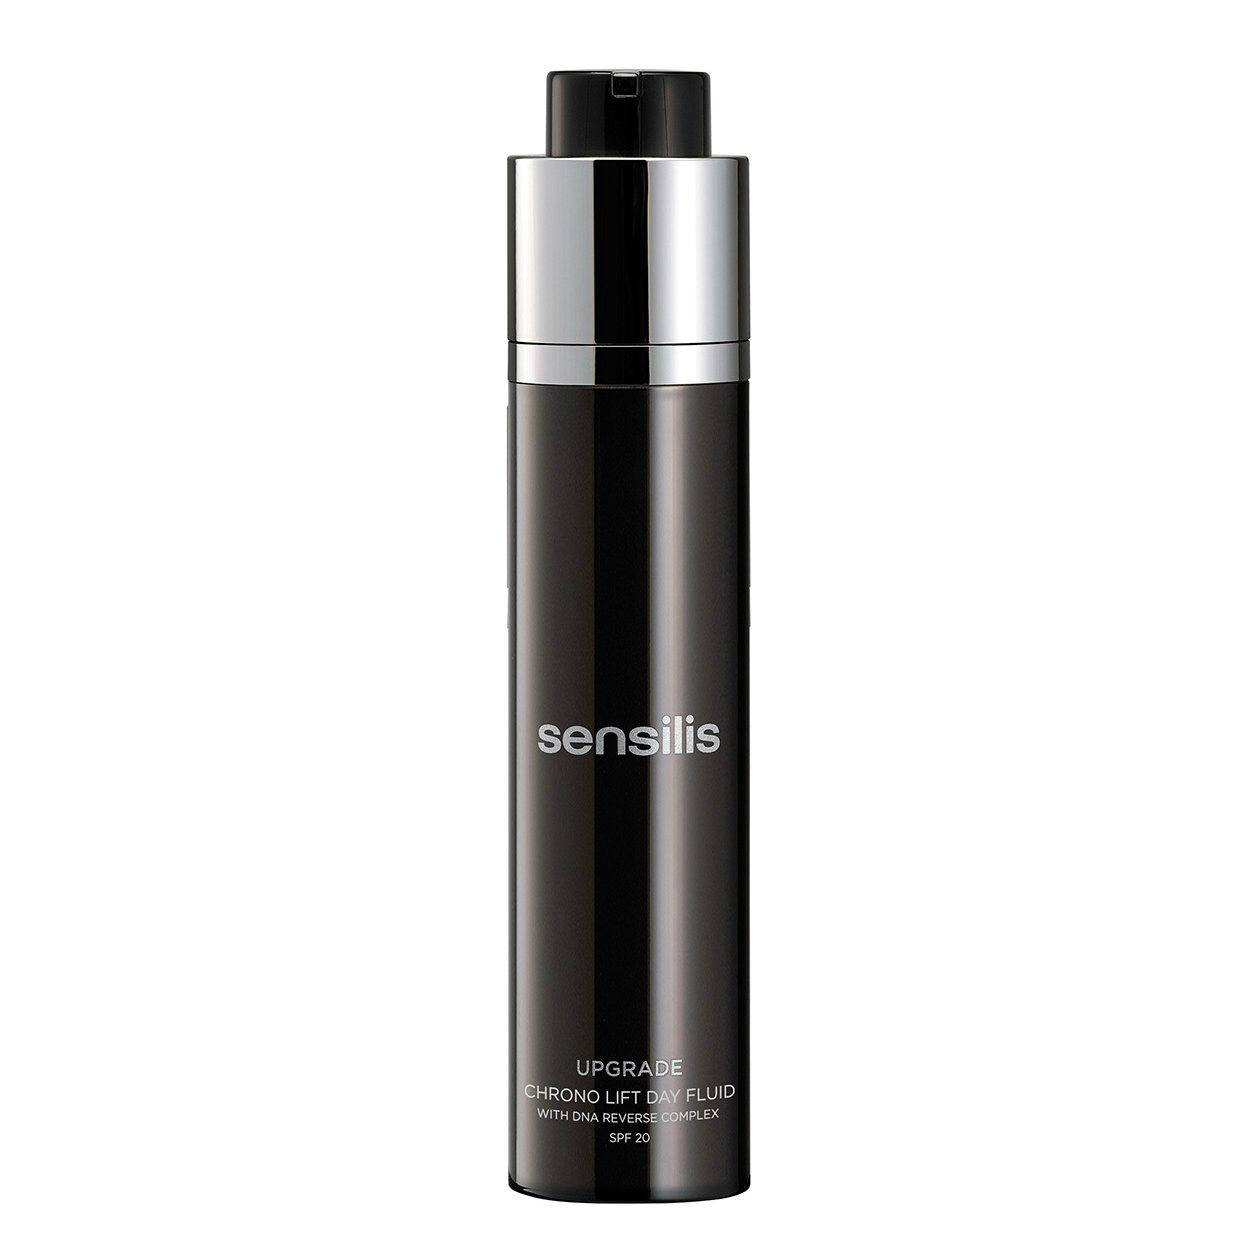 Sensilis - Upgrade Chrono Lift - Fluido de Día Antiedad y Reafirmante con SPF20 - 50 ml